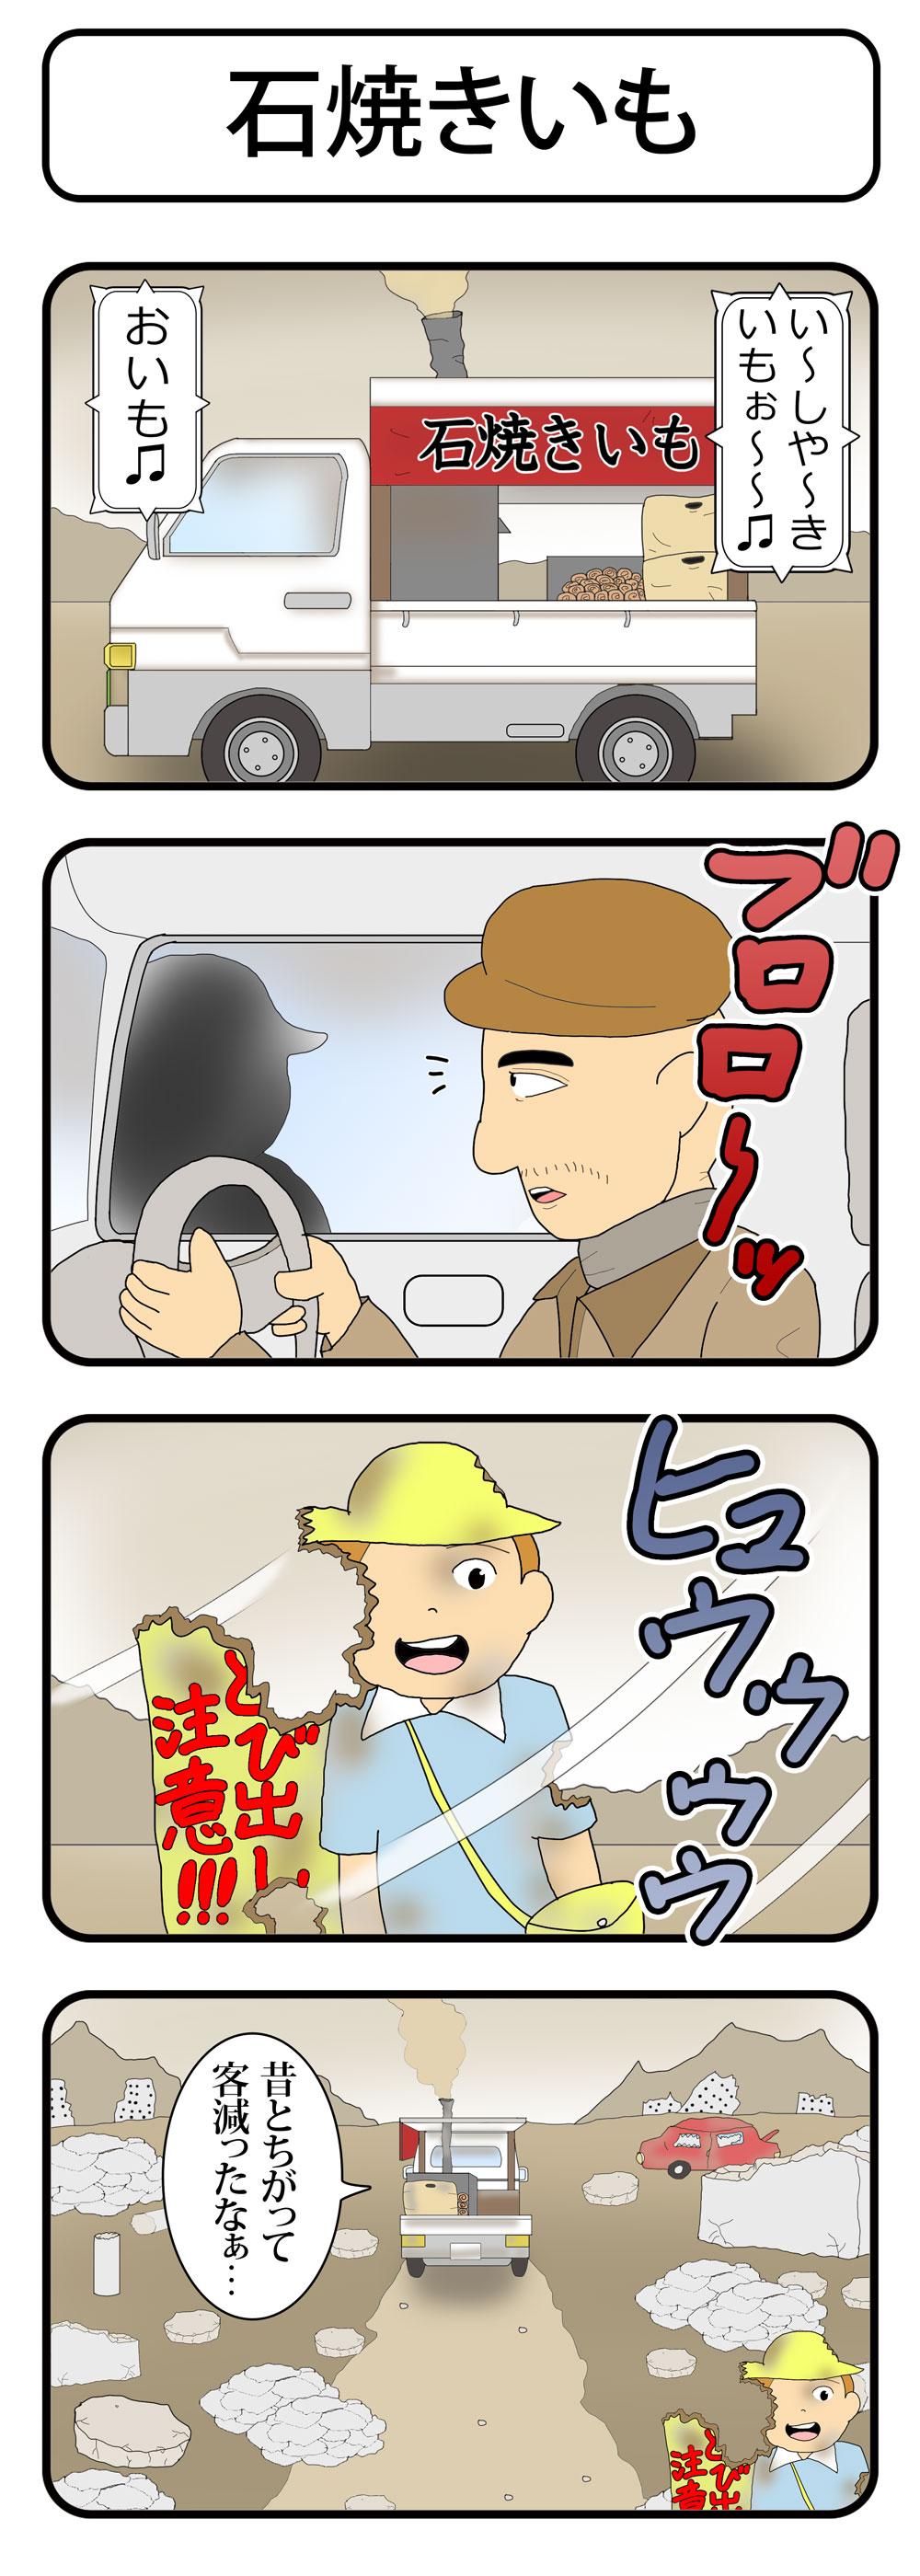 ②石焼きいもc2